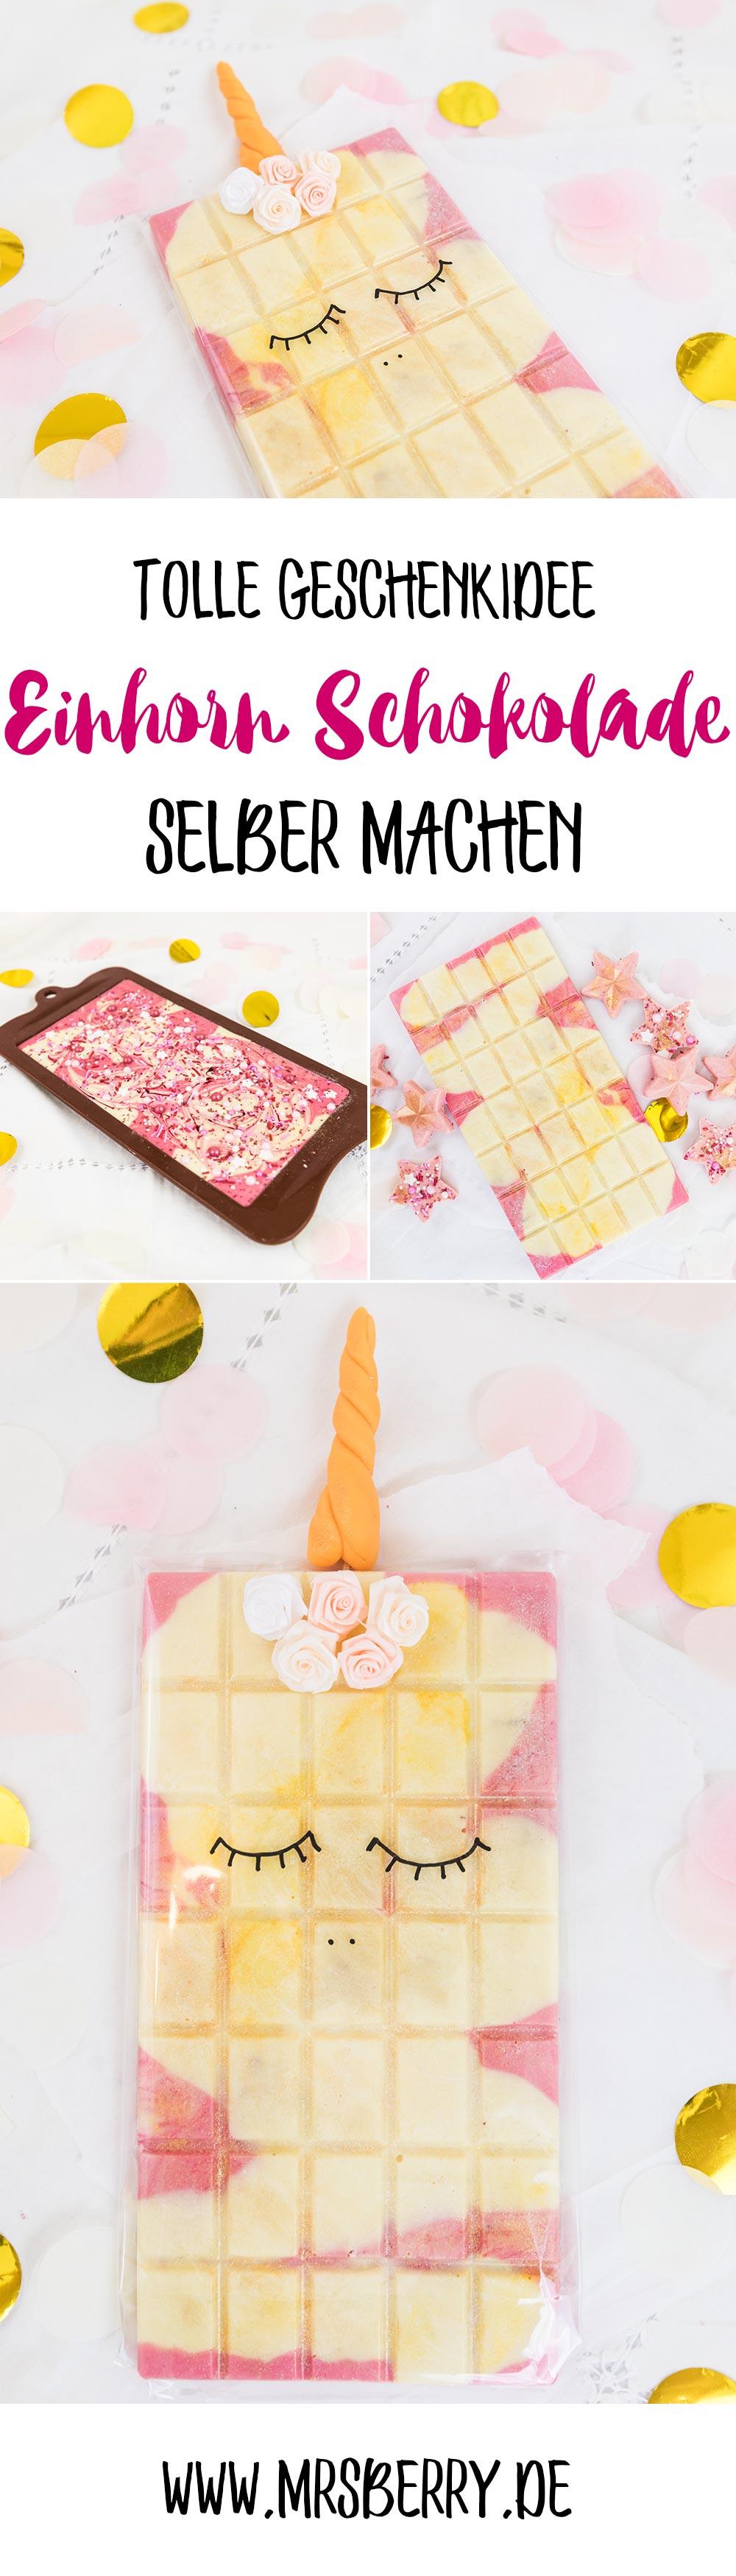 Schokolade selber machen - eine tolle Geschenkidee | Ich zeige euch, wie ihr bunte Einhorn Schokolade selber machen könnt, diese originell als Einhorn verpackt und damit eine tolle Geschenke für Familie und Freunde herstellt.